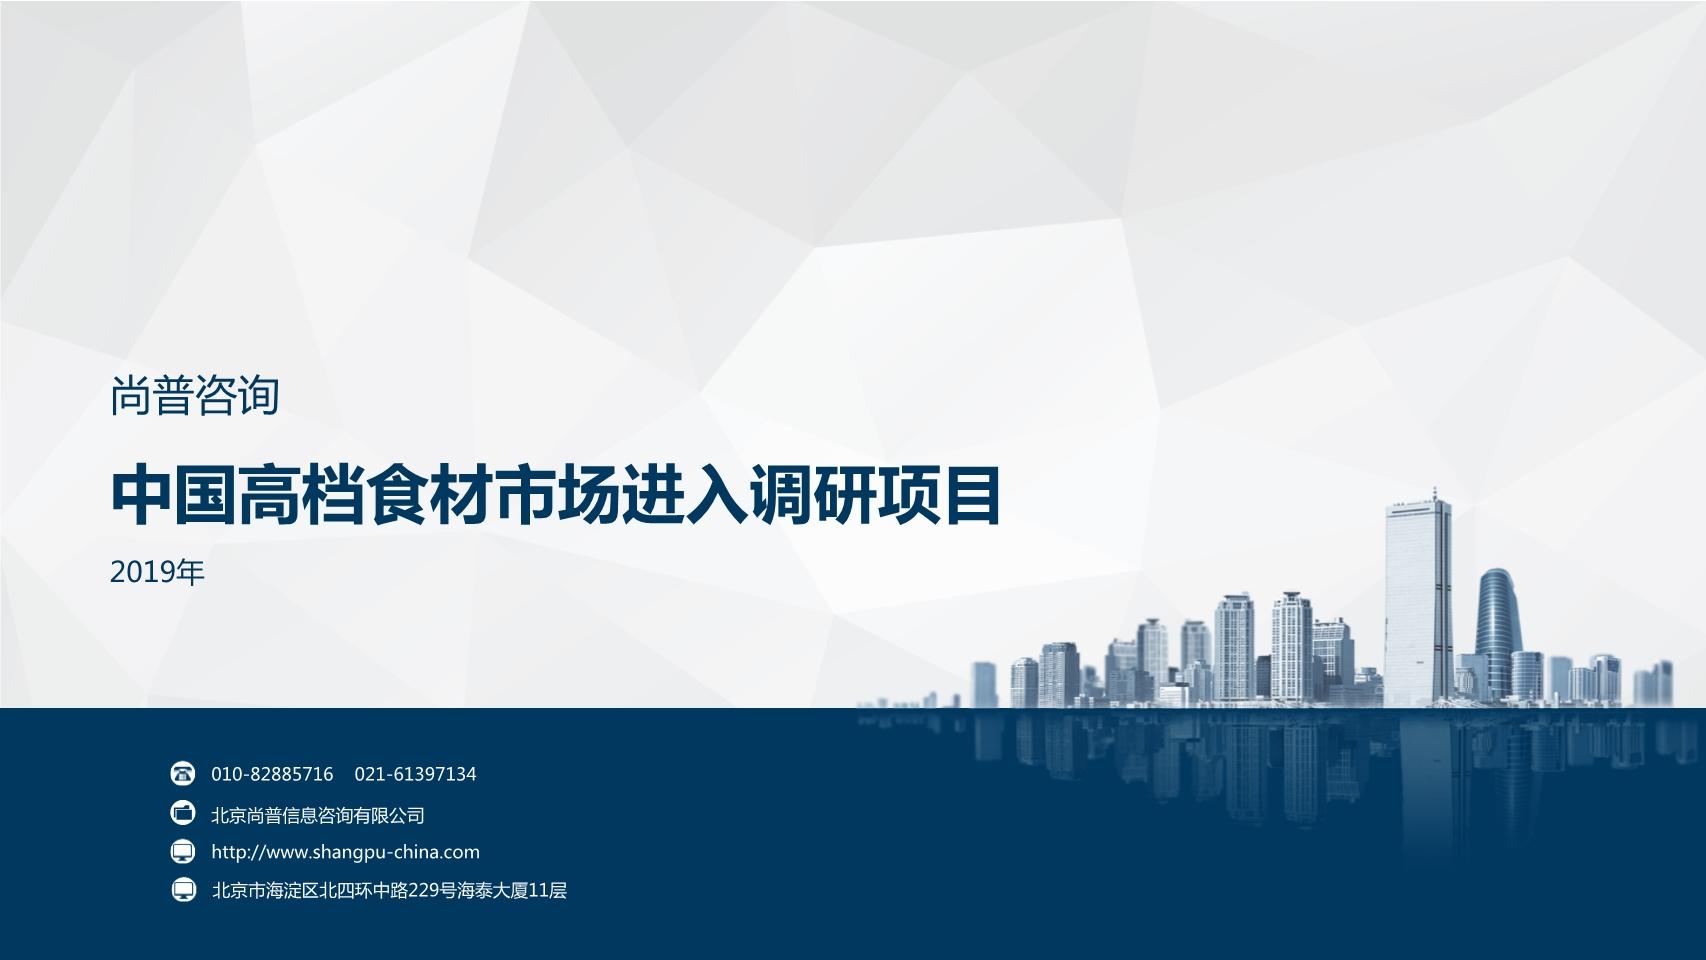 尚普咨询-中国高端食材市场进入调研